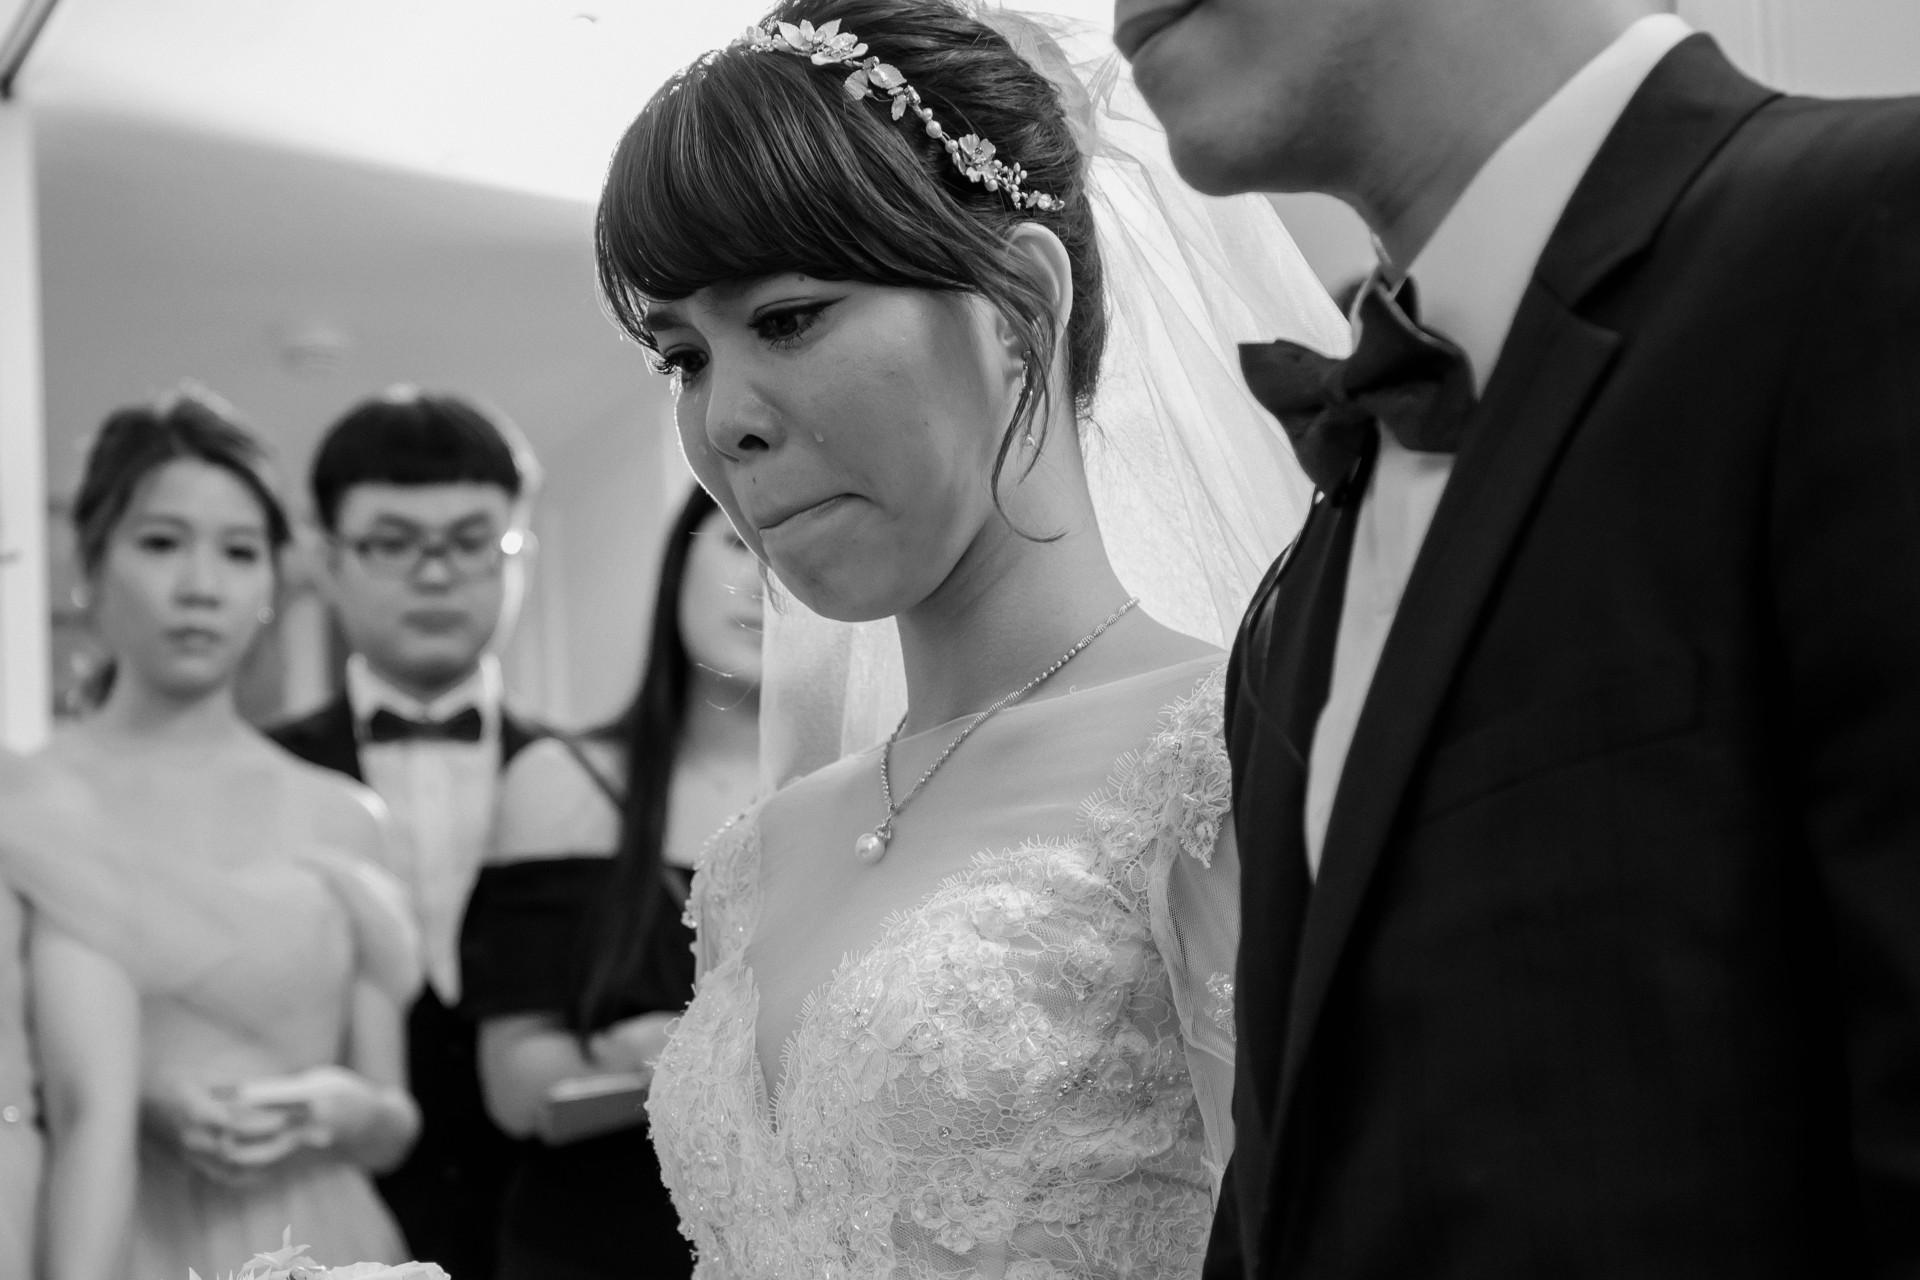 婚禮攝影,台北婚攝,婚攝價格,婚攝ppt推薦,大倉久和大飯店,大倉婚攝,婚攝推薦